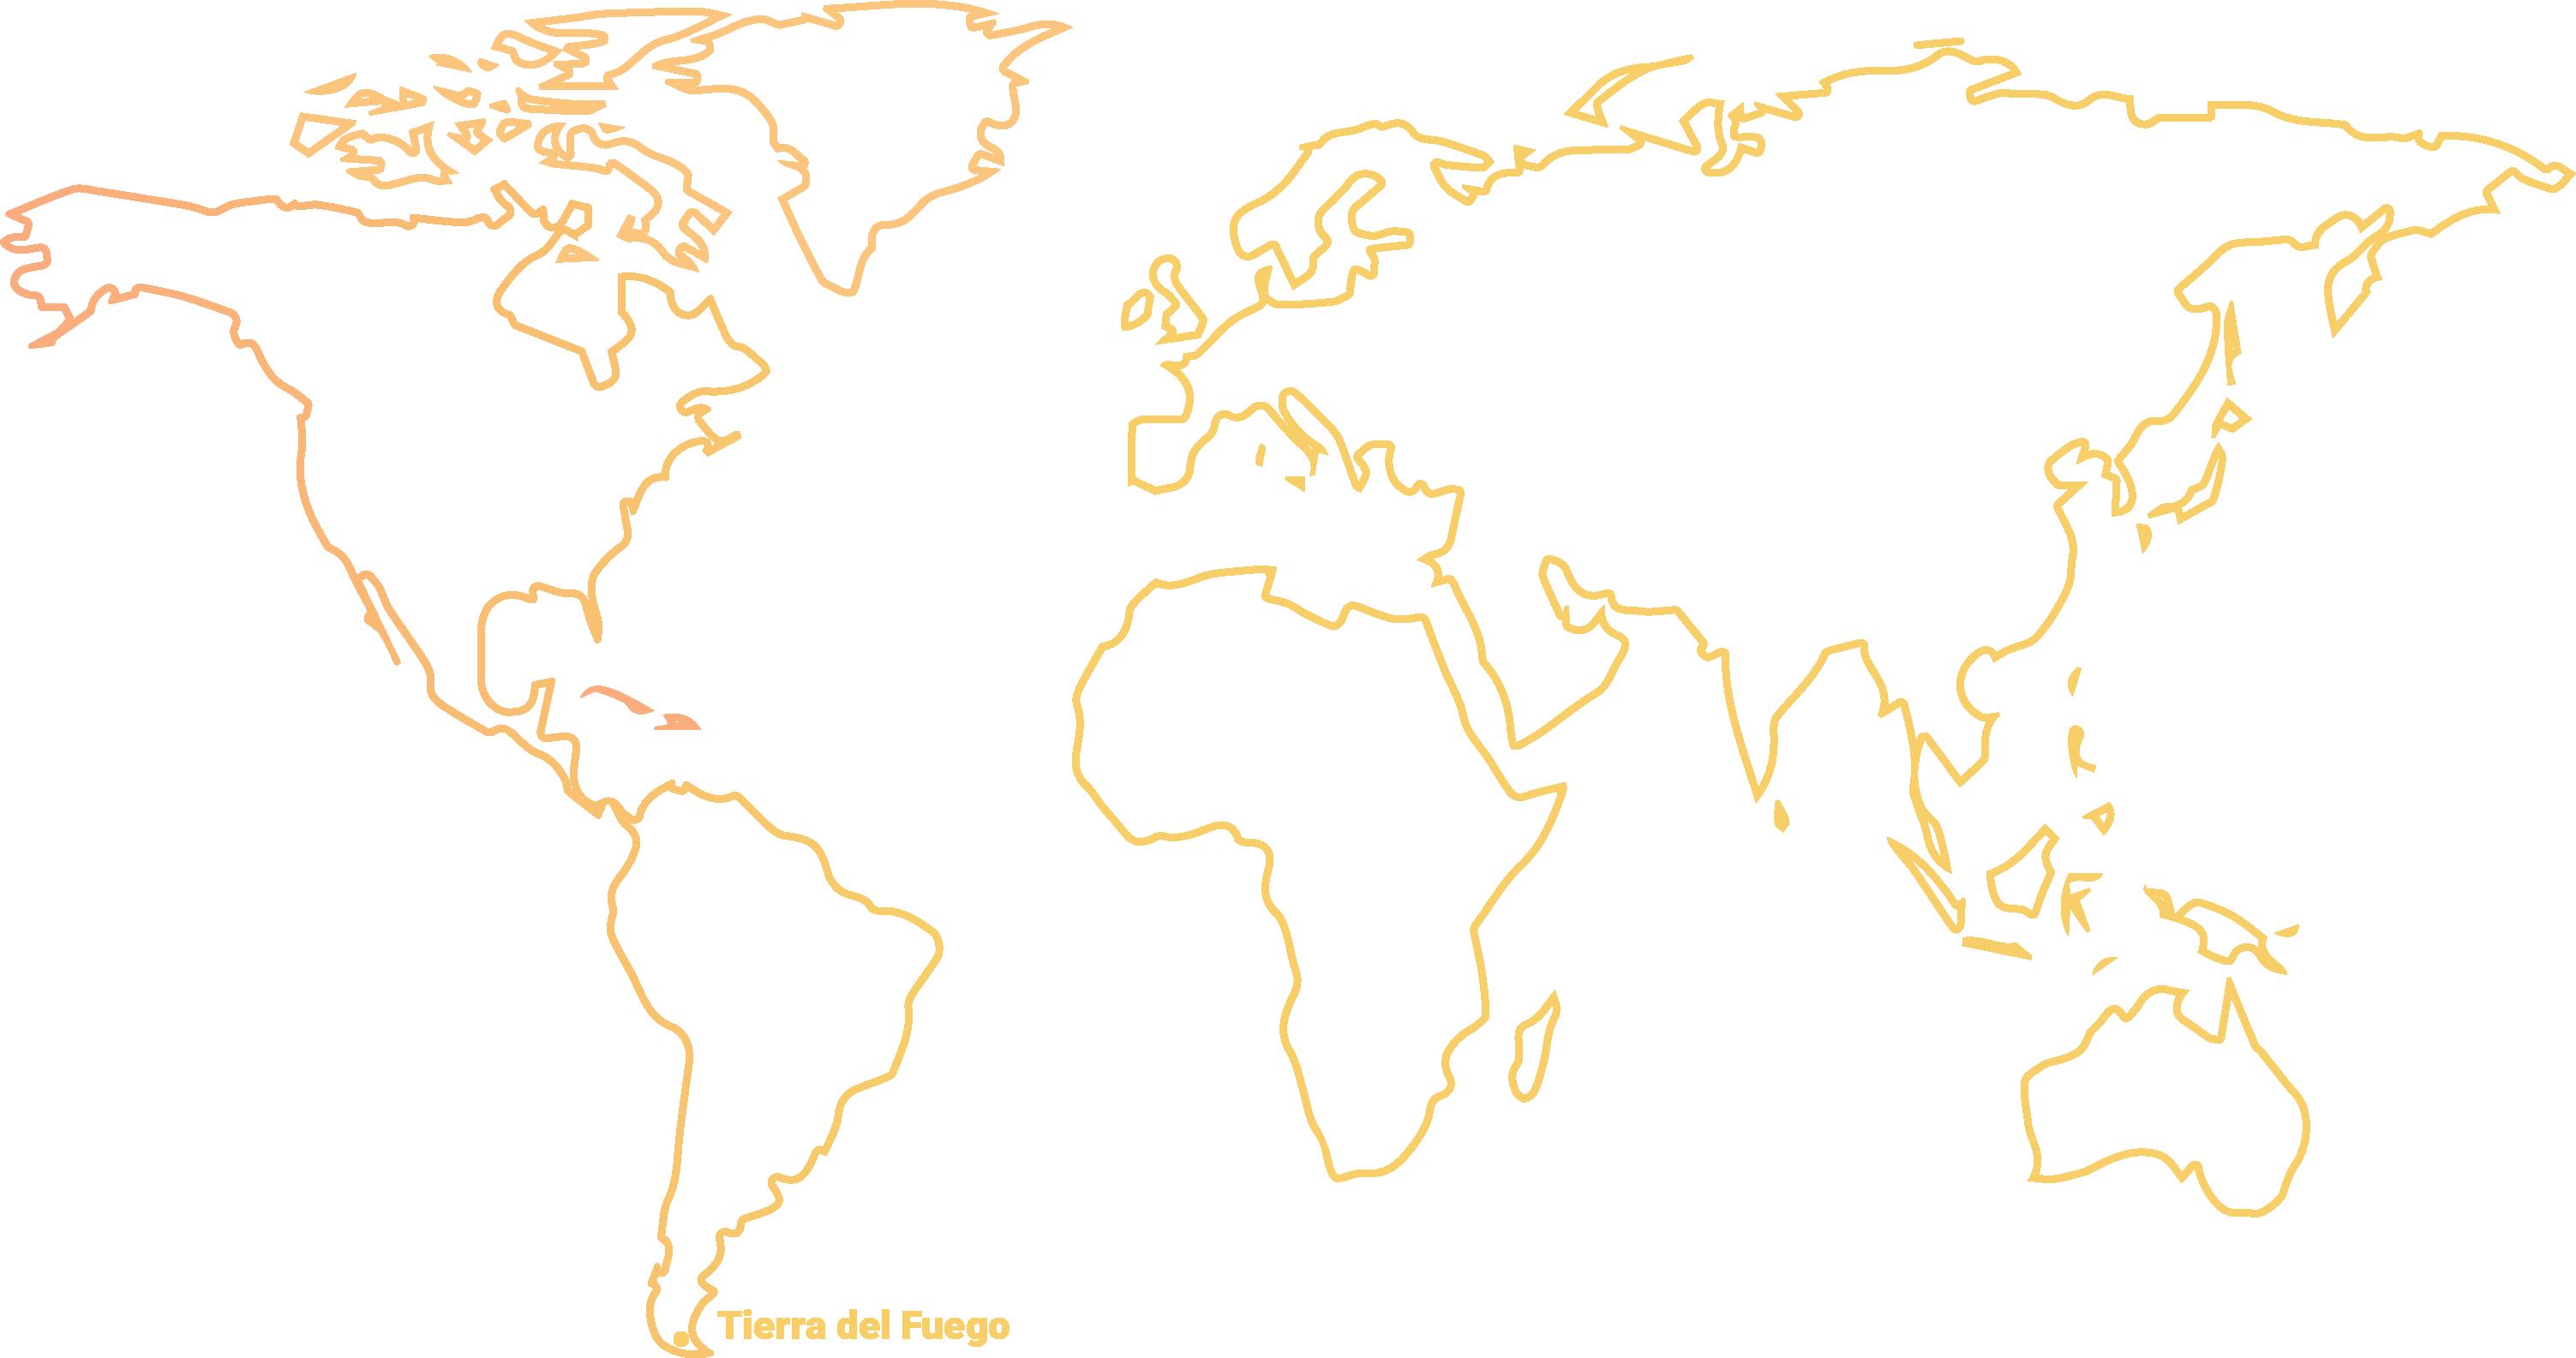 Map of world marking Tierra del fuego